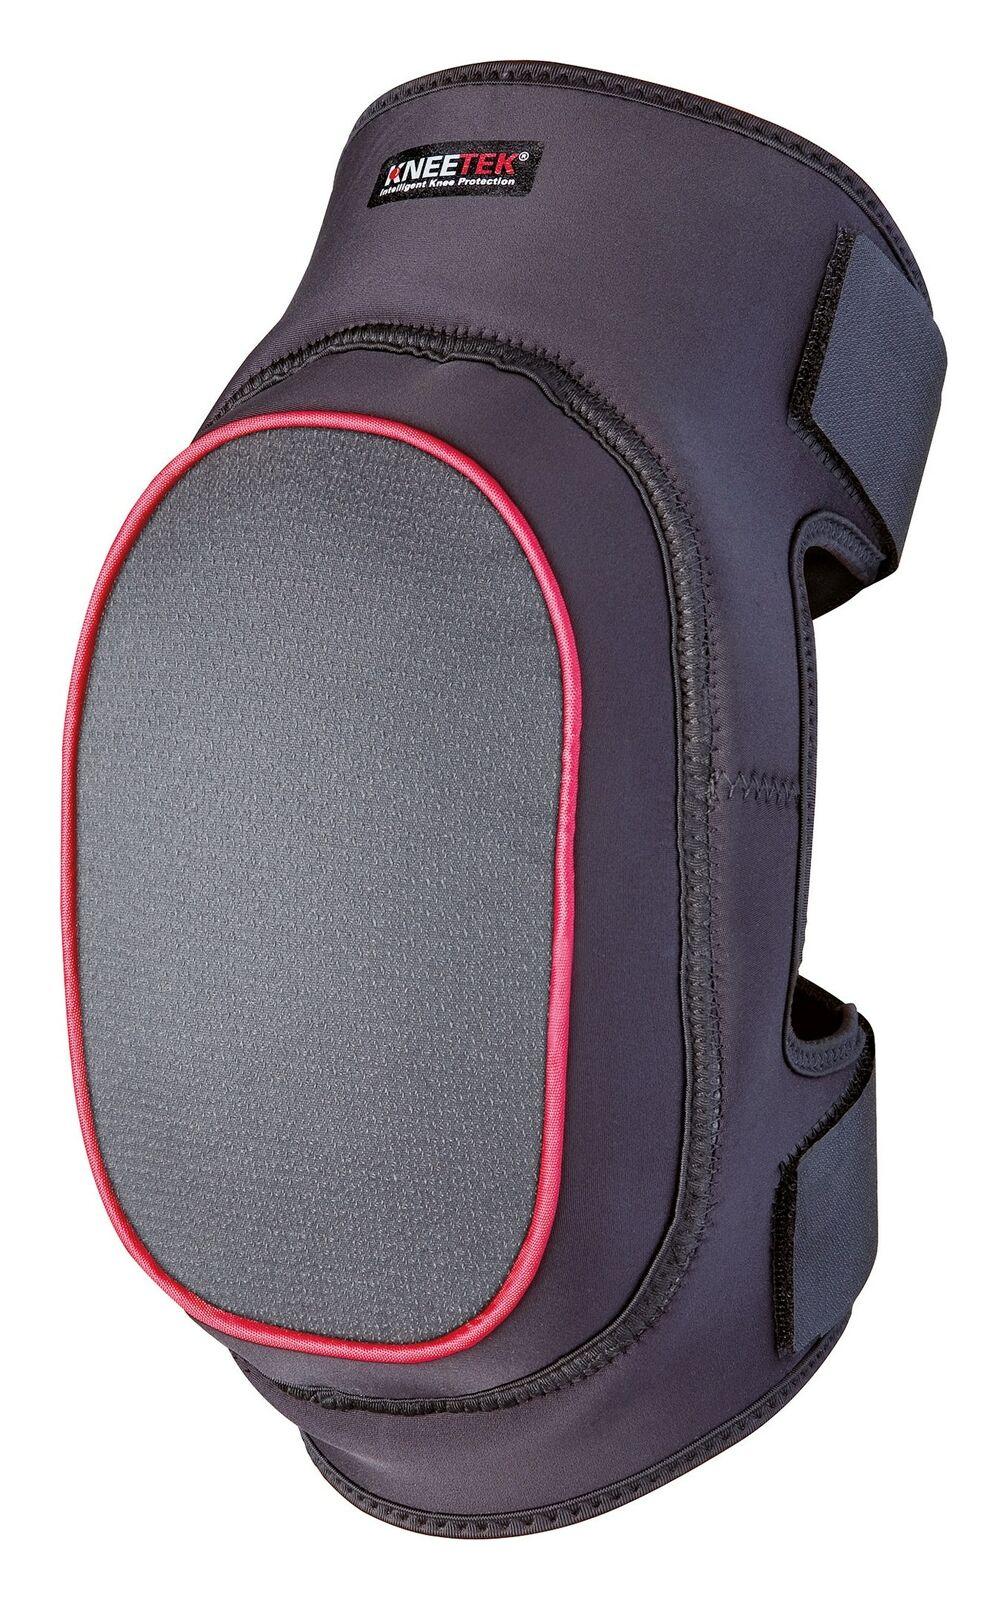 Kneetek Knieschoner Safetek Kevlar Soft - 70003 | Komfort  | | | Erlesene Materialien  | Günstigen Preis  25a617